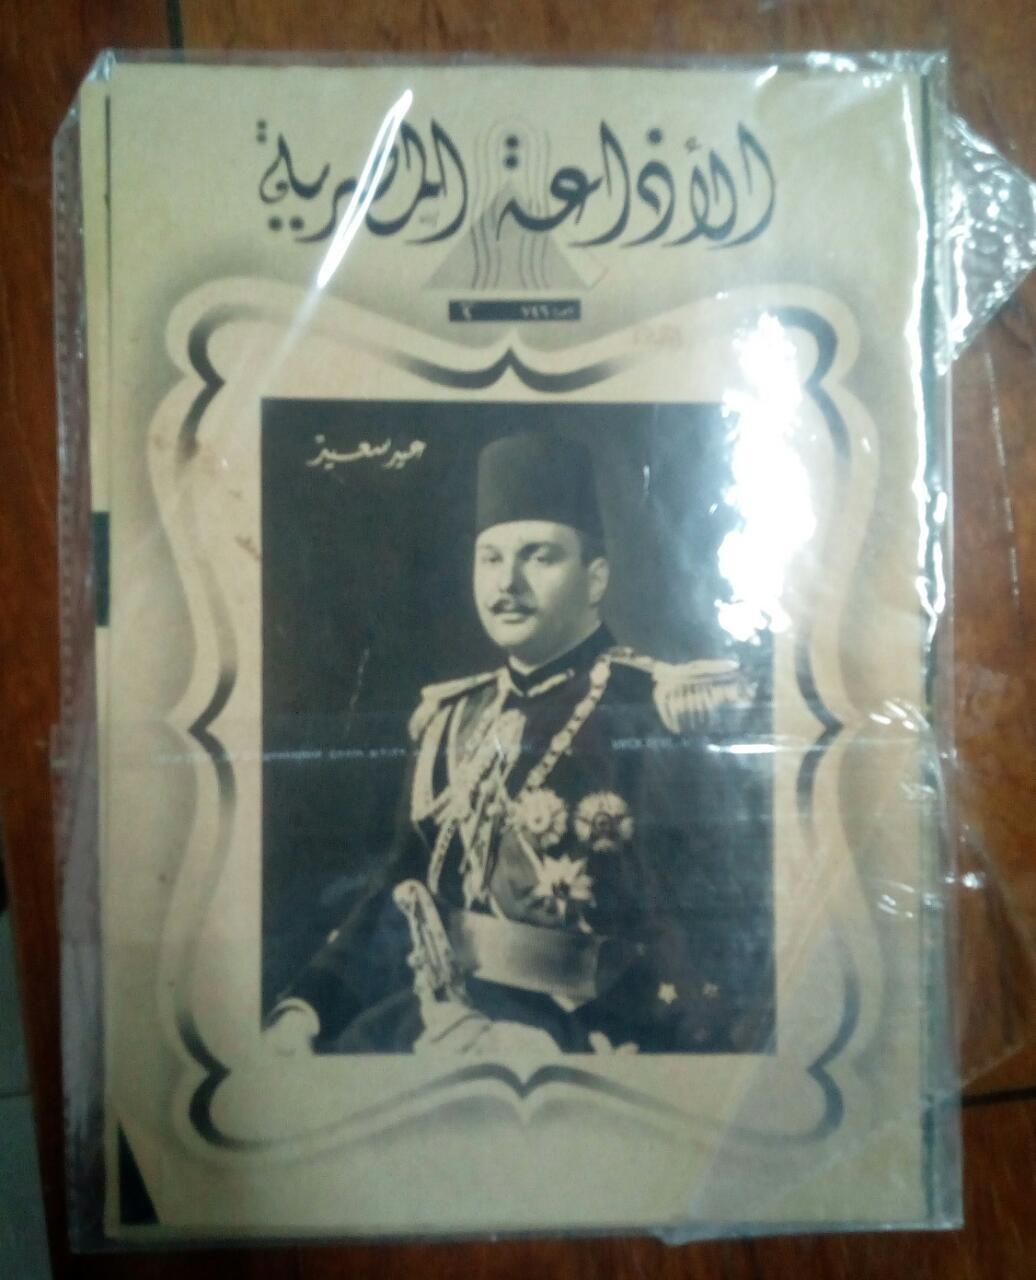 الإذاعة المصرية - عيد سعيد